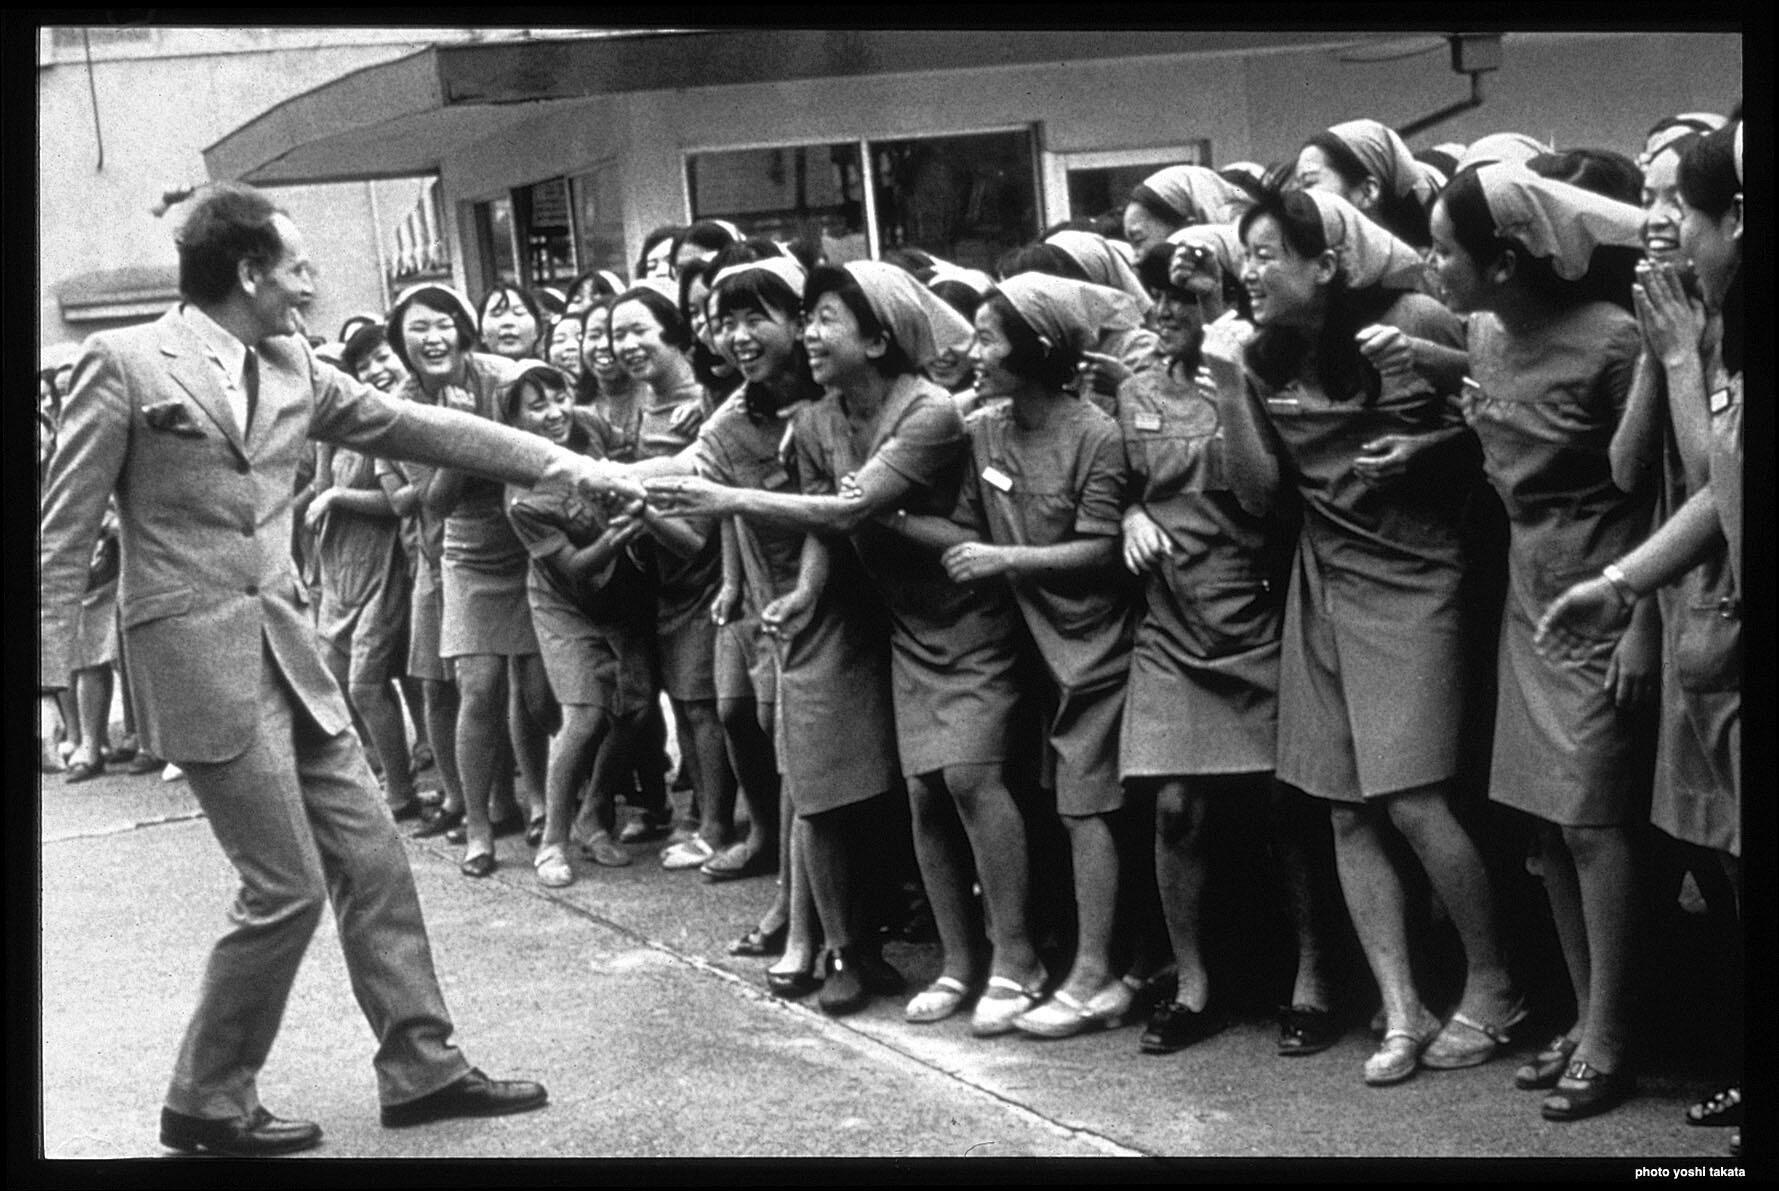 Pierre Cardin a été reçu comme une pop star au Japon en 1957